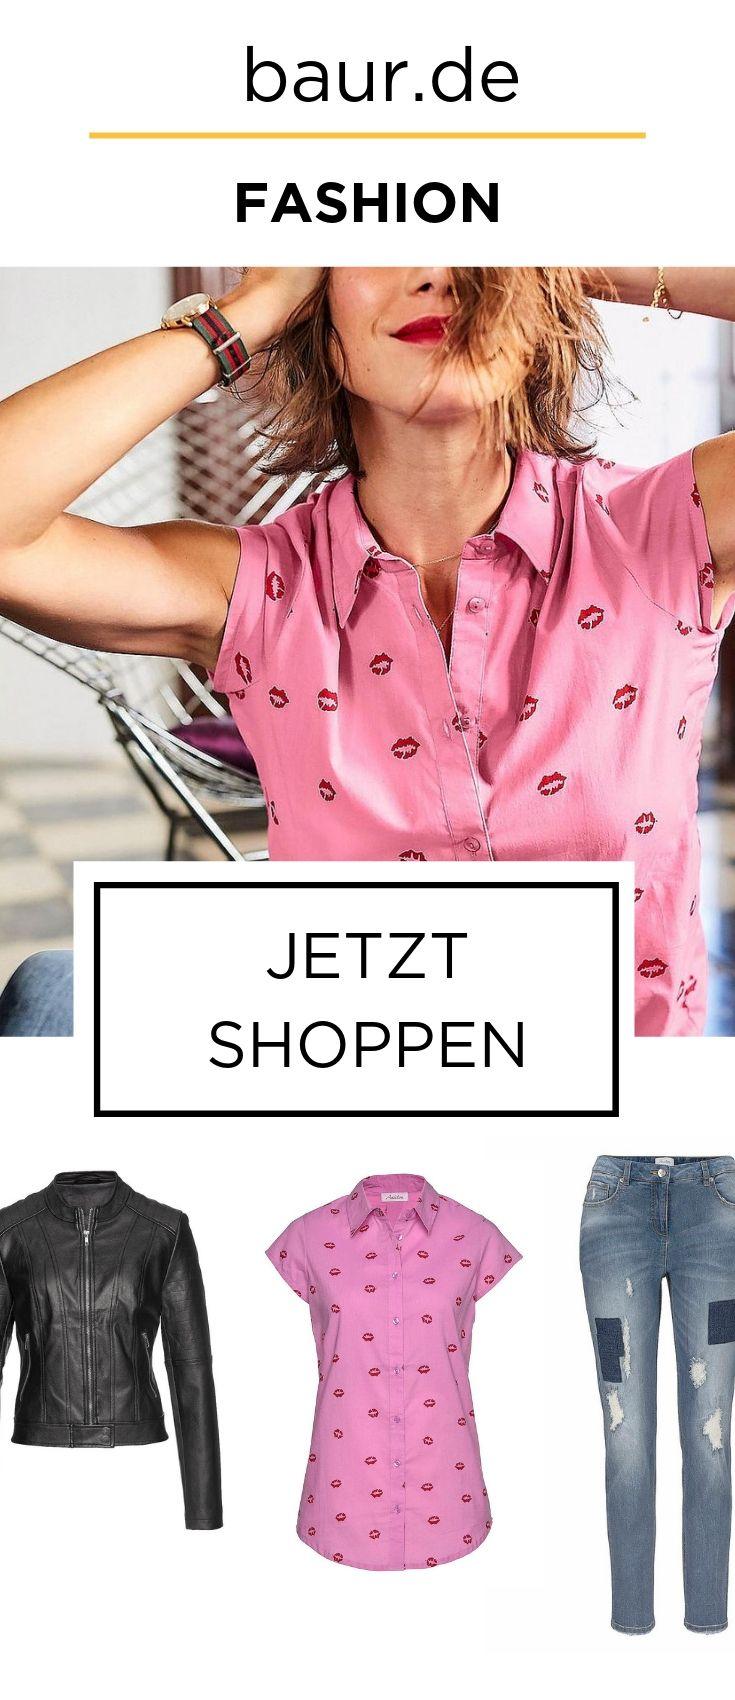 Damenmode Trends 2020   Mode für Damen online kaufen   BAUR